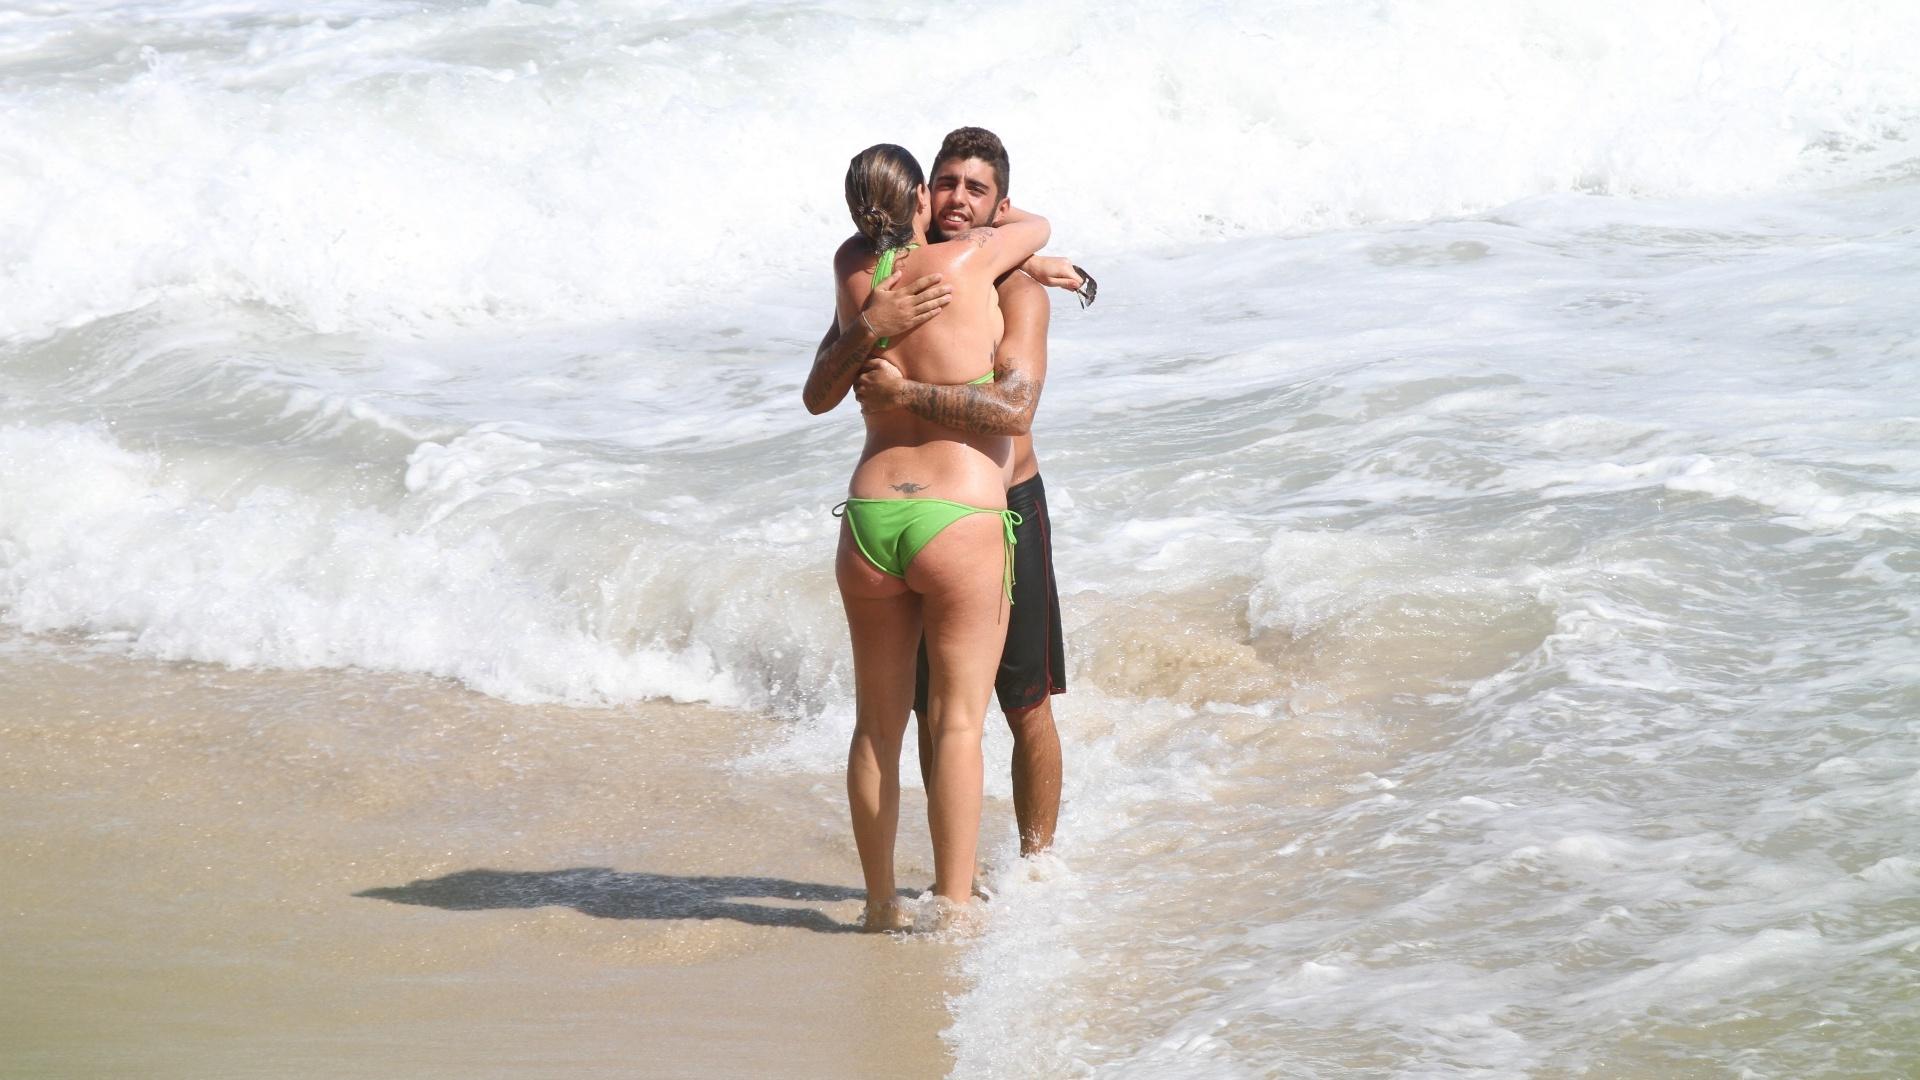 Grávida de nove meses de seu primeiro filho, Dom, Luana Piovani e o marido, o surfista Pedro Scooby, aproveitaram o dia de sol na Prainha, na Barra da Tijuca. A atriz trocou carinhos com Pedro.